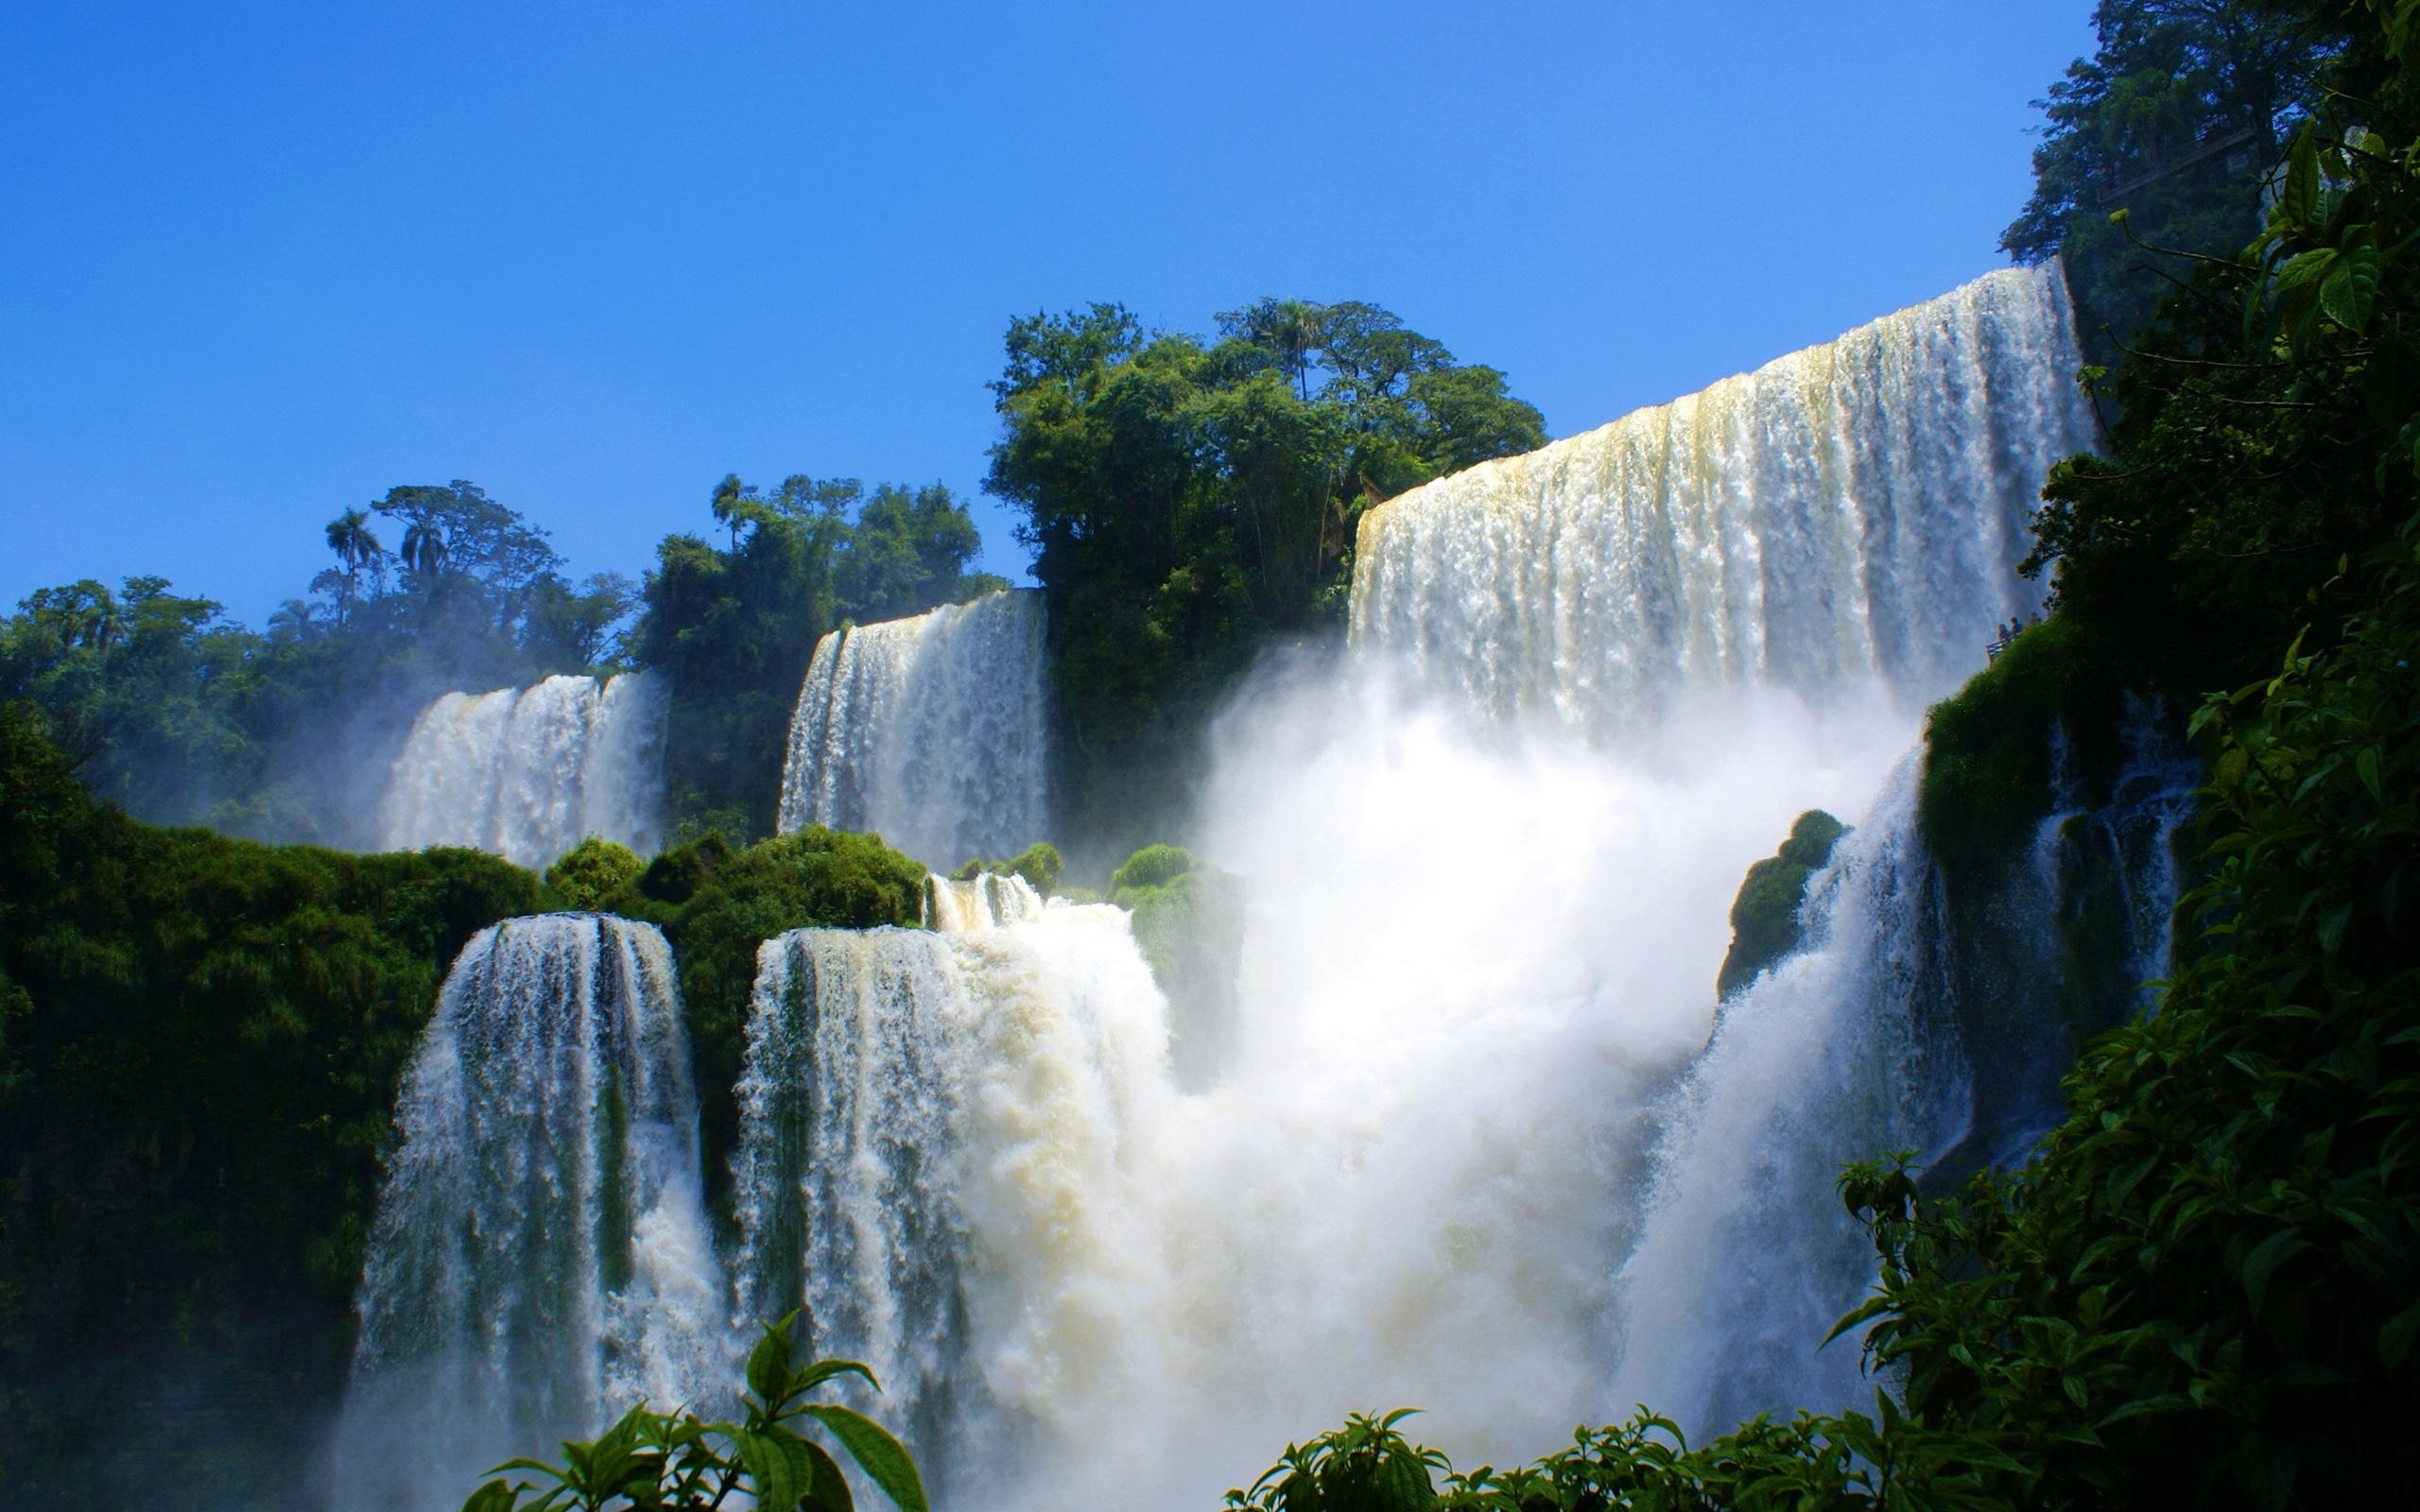 spektakuläre landschaften mit wasserfällen und